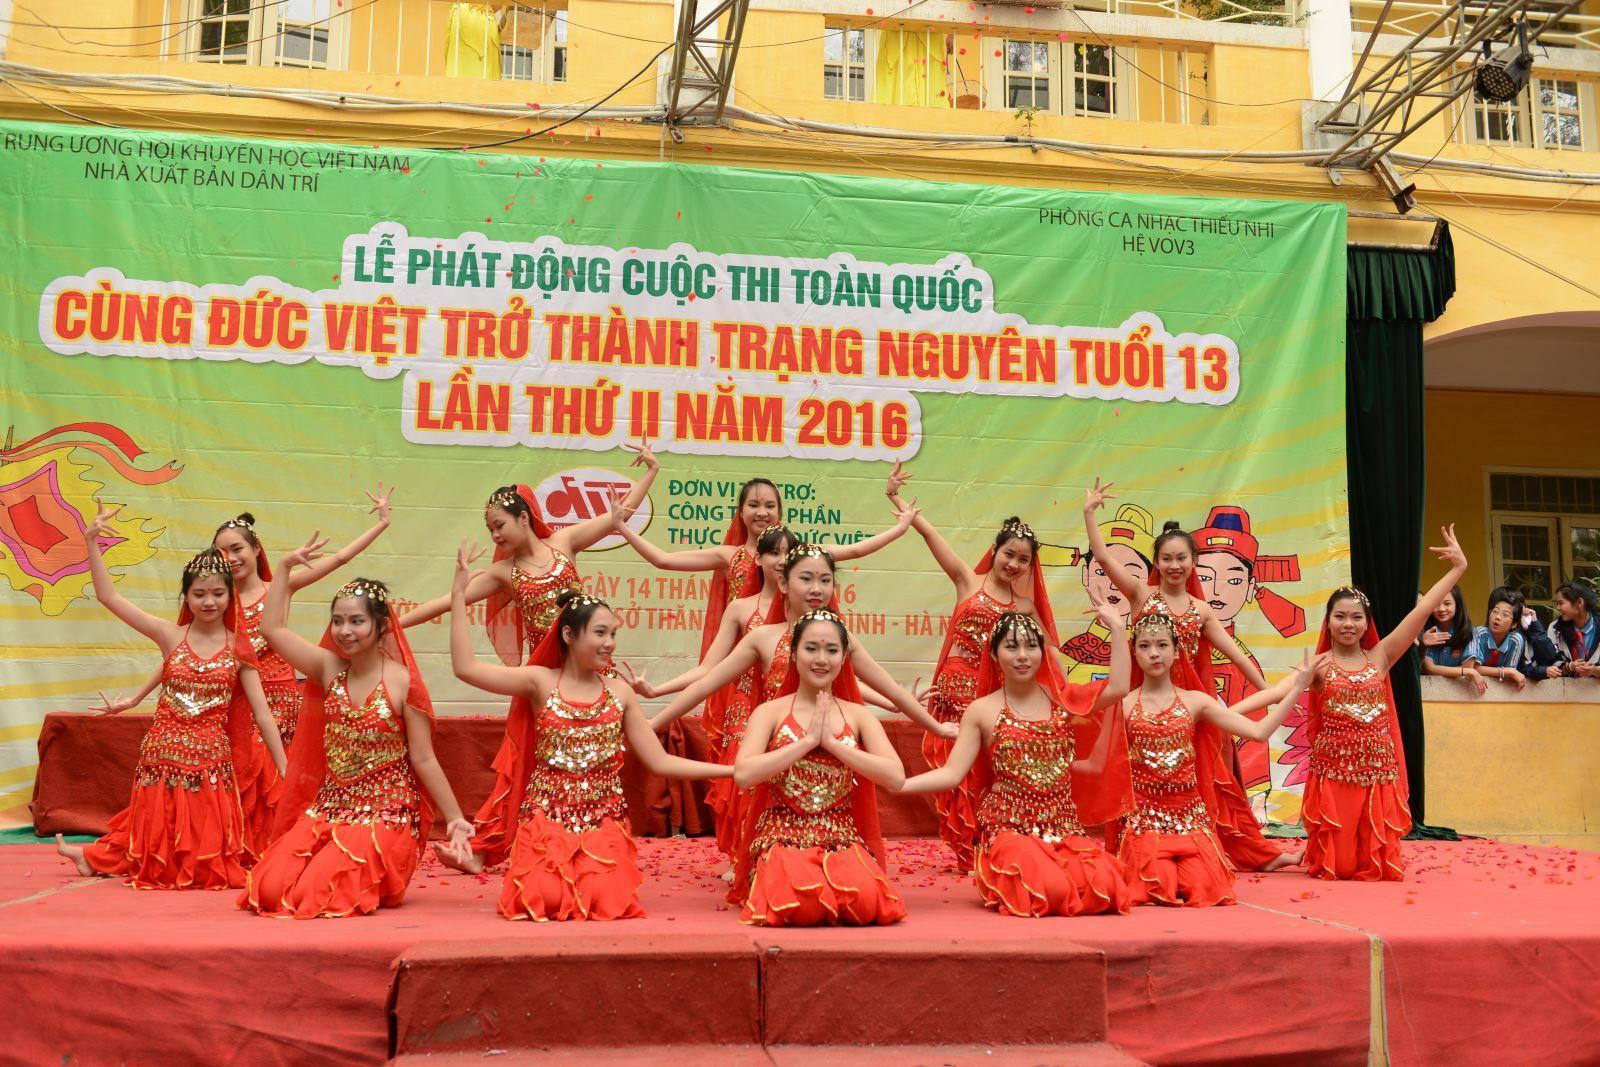 Phát động Cuộc thi 'Cùng Đức Việt trở thành Trạng Nguyên tuổi 13' lần thứ 2